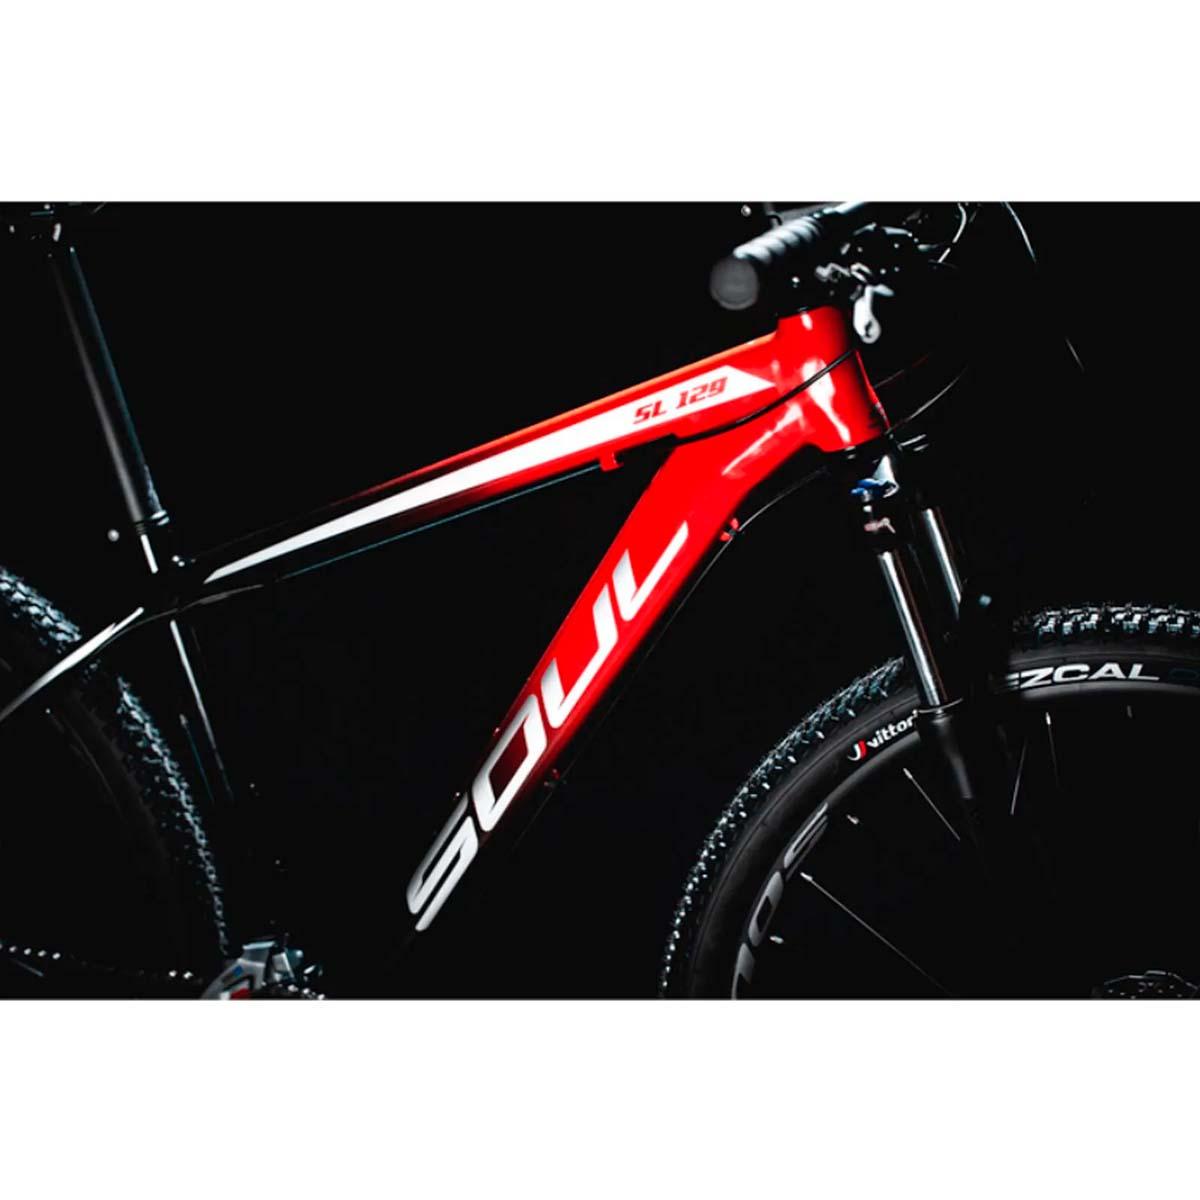 Bicicleta Soul SL 129 Aro 29 24V Shimano Tourney Degrade Vermelha e Preta 21